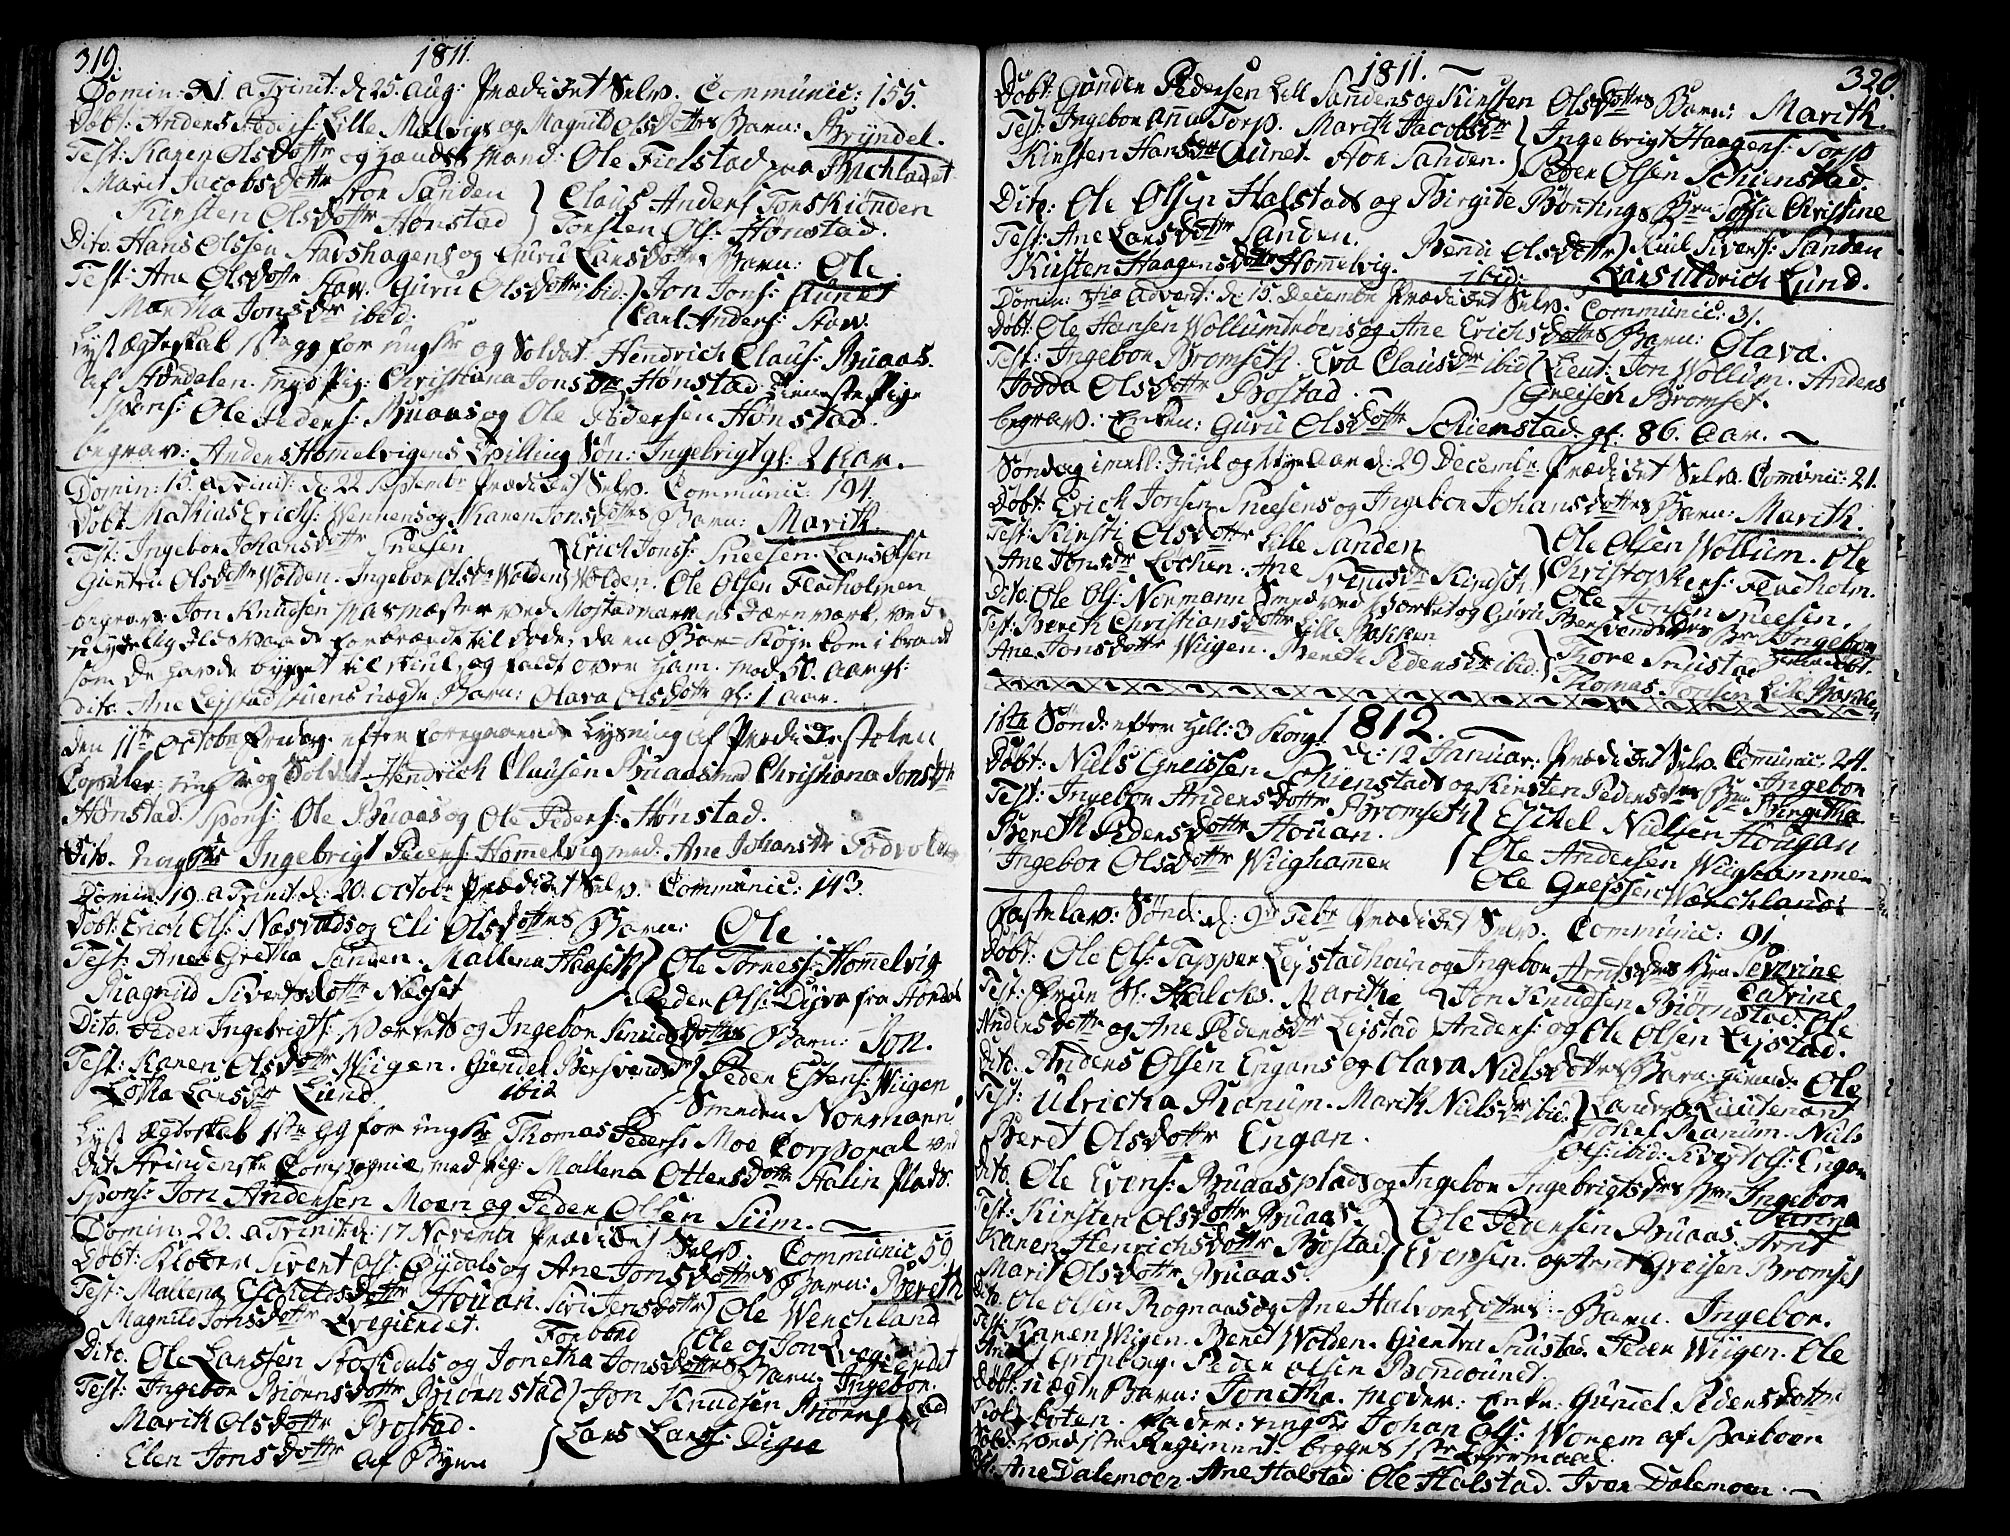 SAT, Ministerialprotokoller, klokkerbøker og fødselsregistre - Sør-Trøndelag, 606/L0281: Ministerialbok nr. 606A02 /2, 1781-1817, s. 319-320